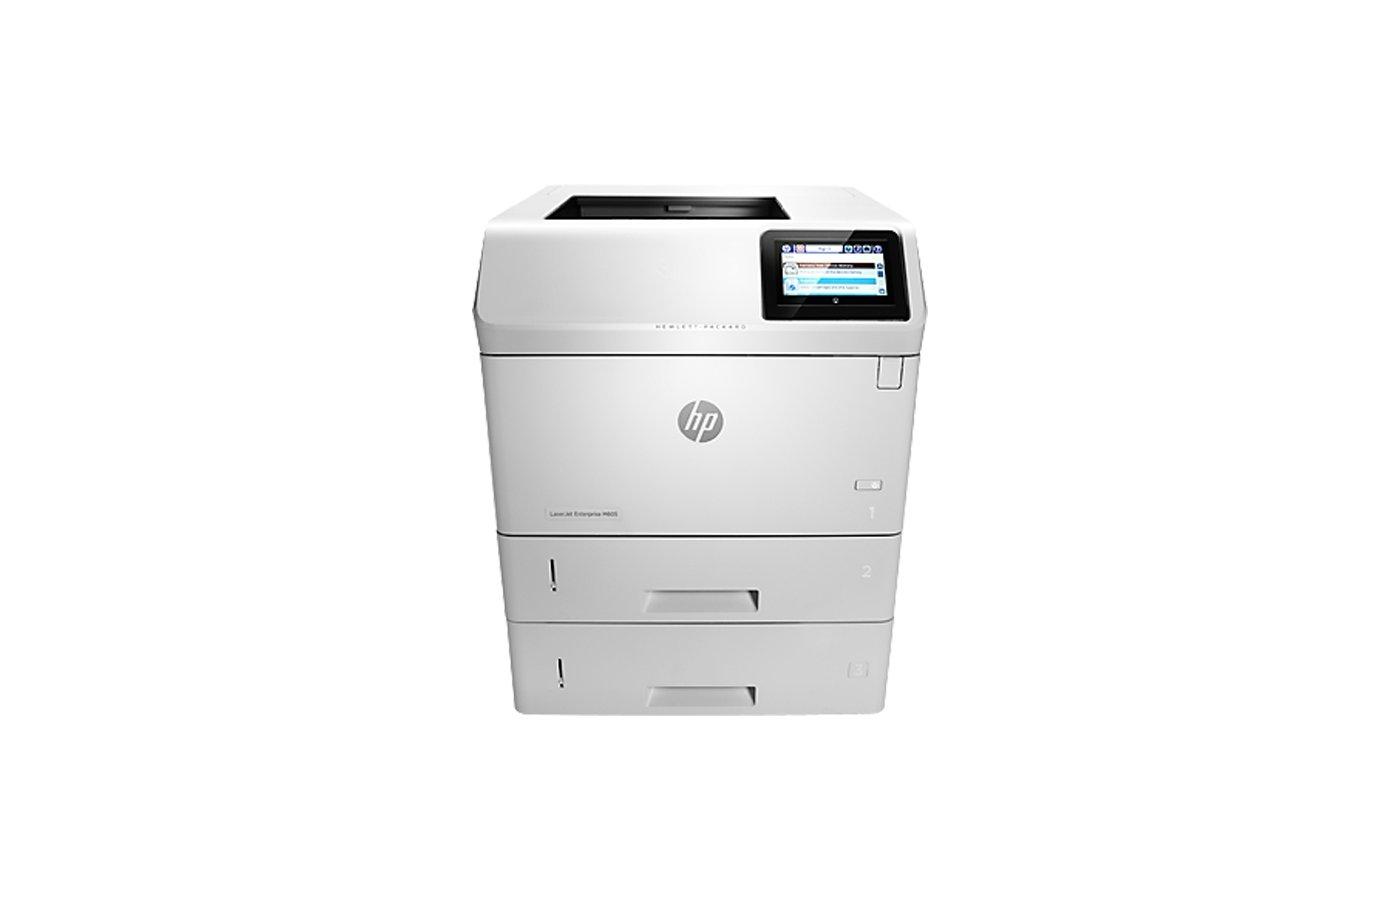 Принтер HP LaserJet Enterprise 600 M606x /E6B73A/